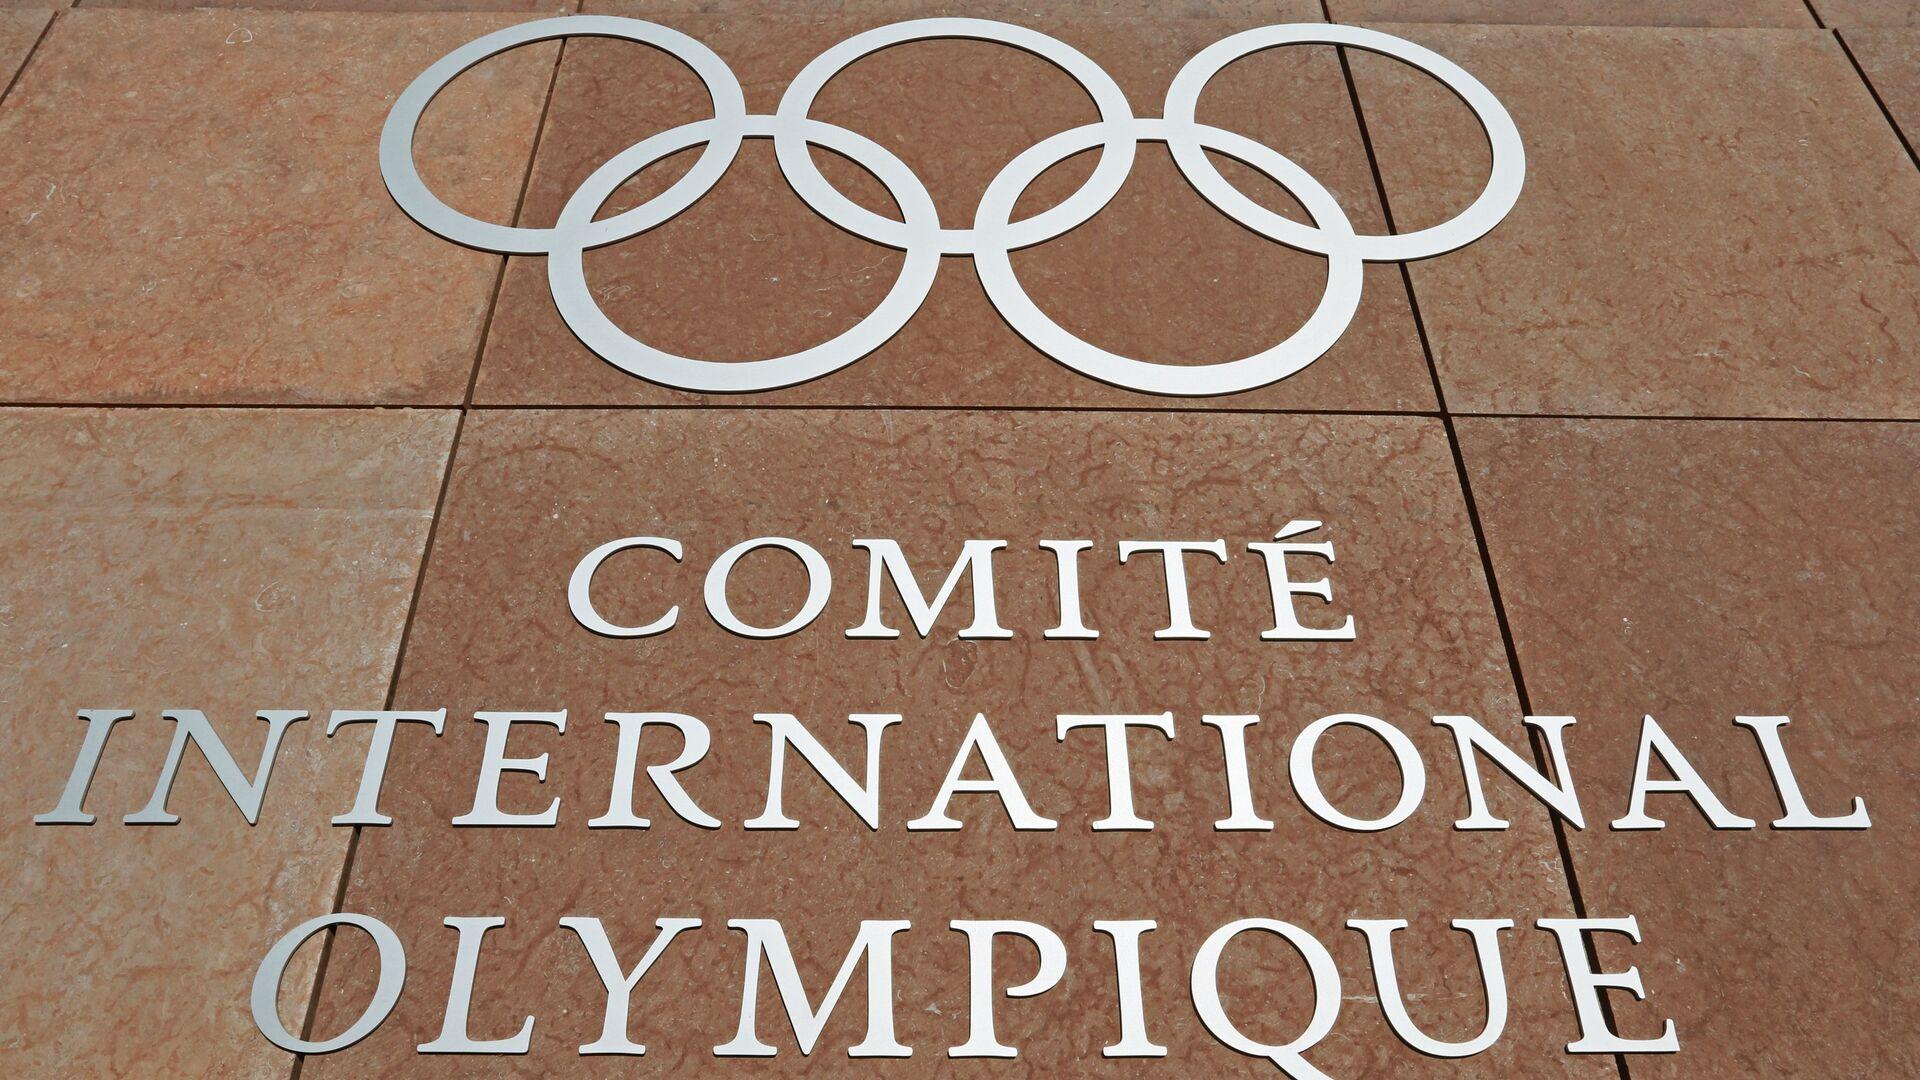 Олимпийский символ на здании штаб-квартиры Международного олимпийского комитета в Лозанне - РИА Новости, 1920, 08.07.2021